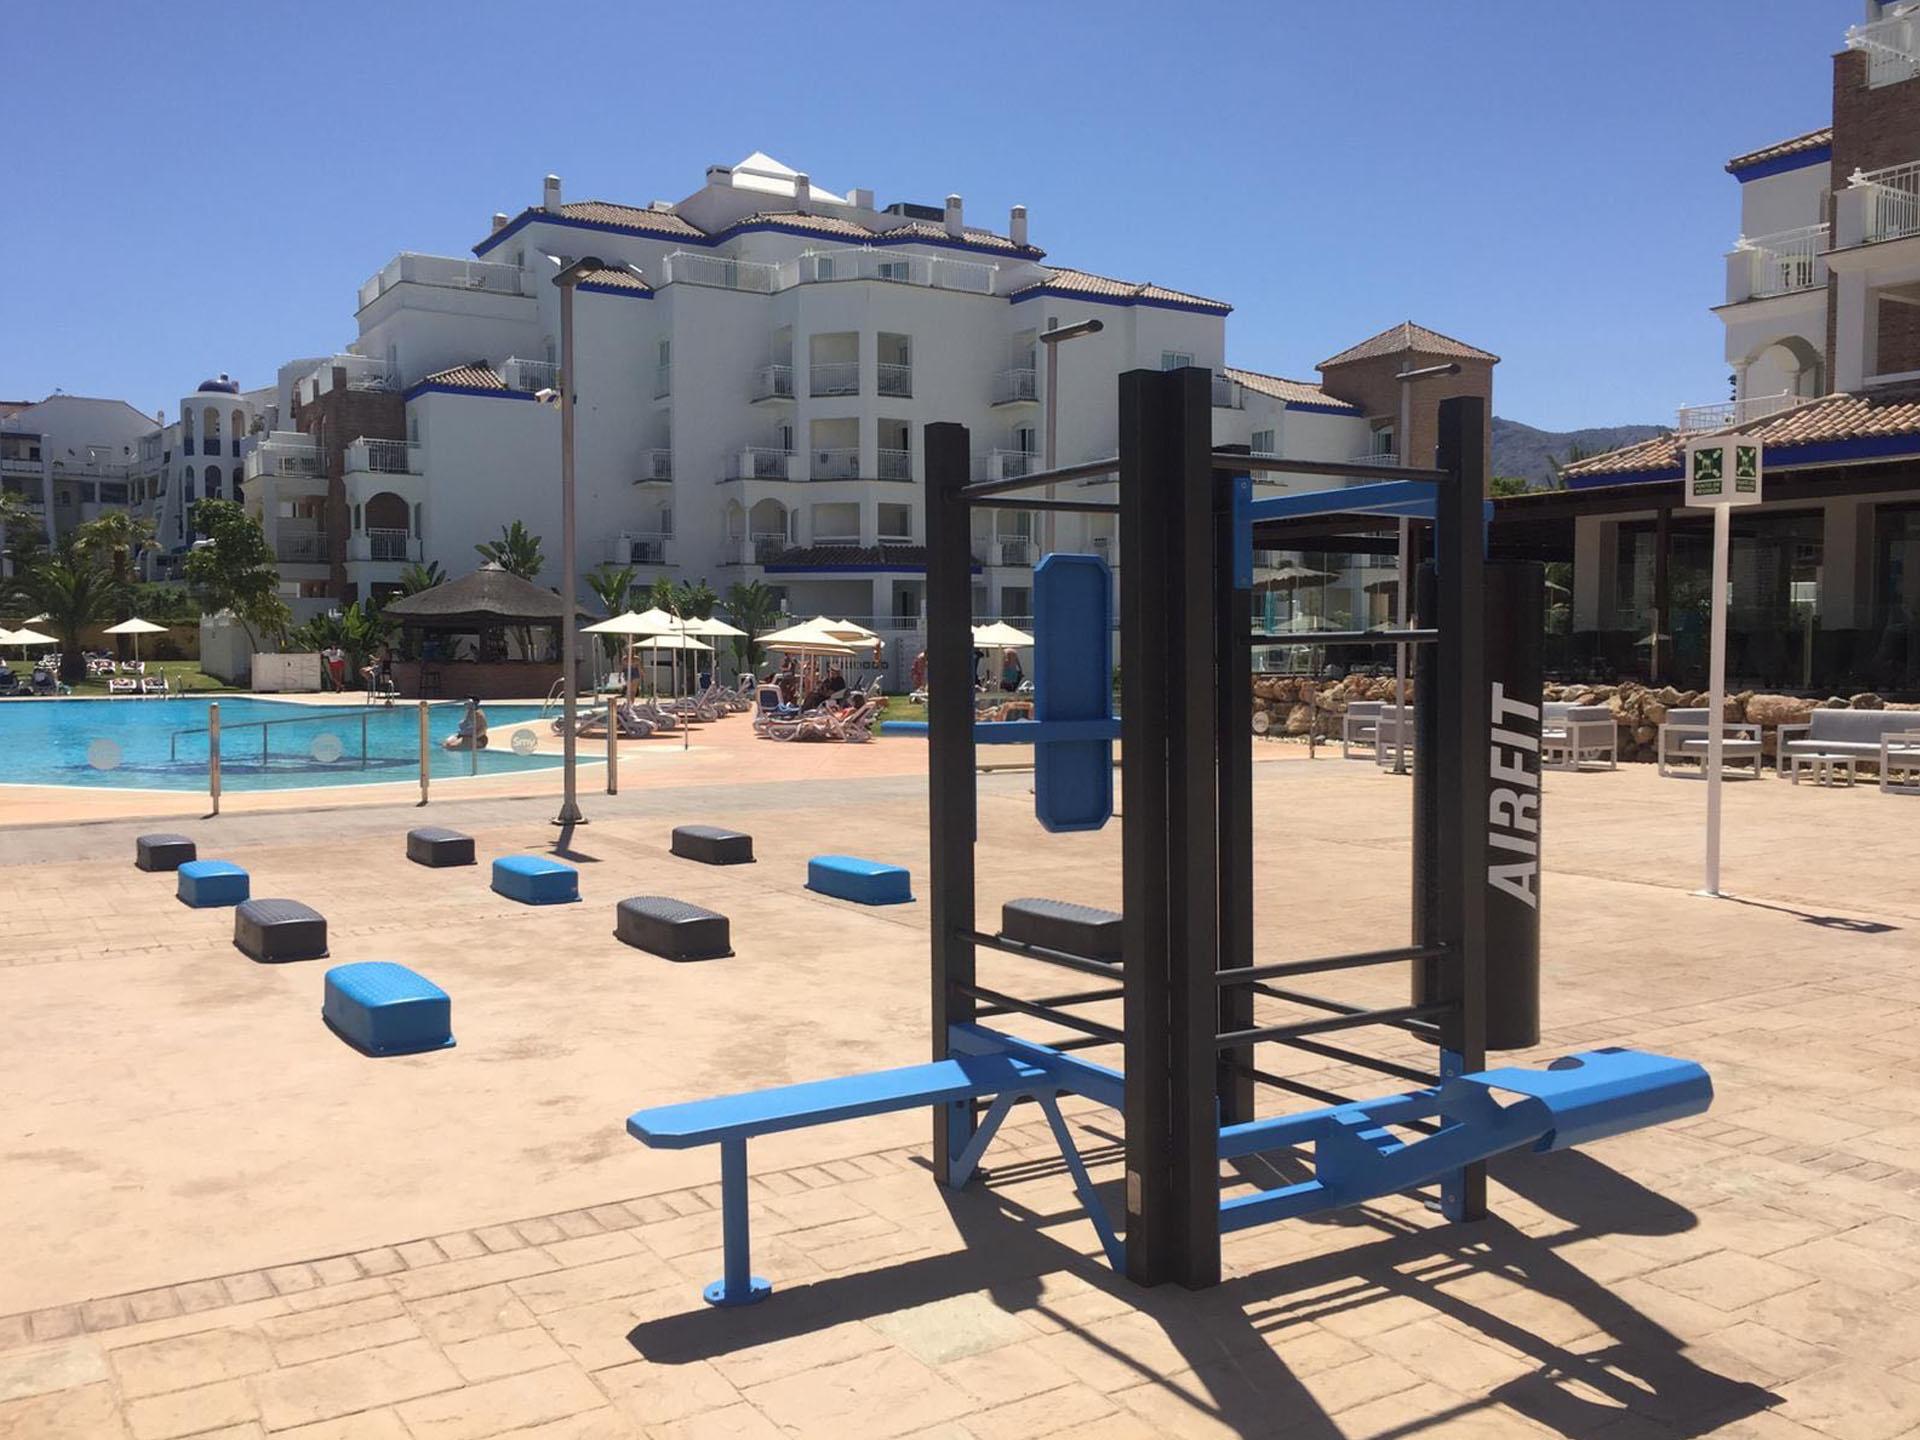 https://www.smyhotels.com/fr/espagne/torremolinos/smy-costa-del-sol